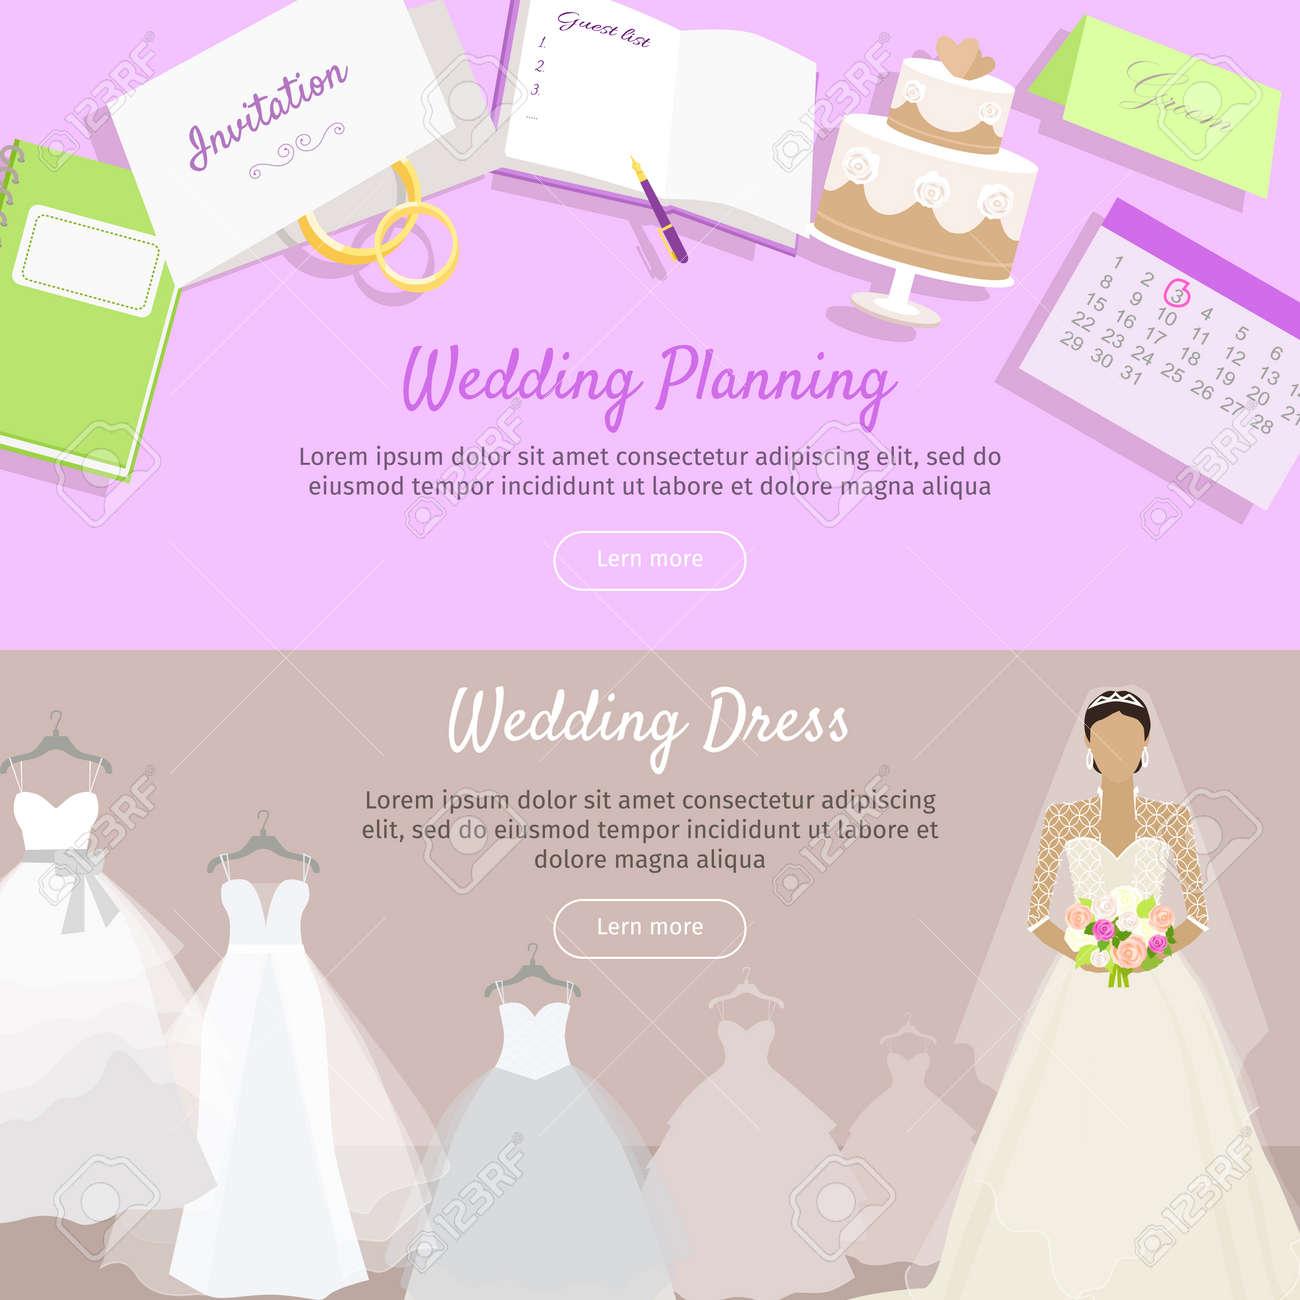 Hochzeitsplanung und Hochzeitskleid Web Banner. Vorbereitung für die  Hochzeit. Anreise nach Trauung bereit. Planen Sie alles voraus. Die Wahl  des ...